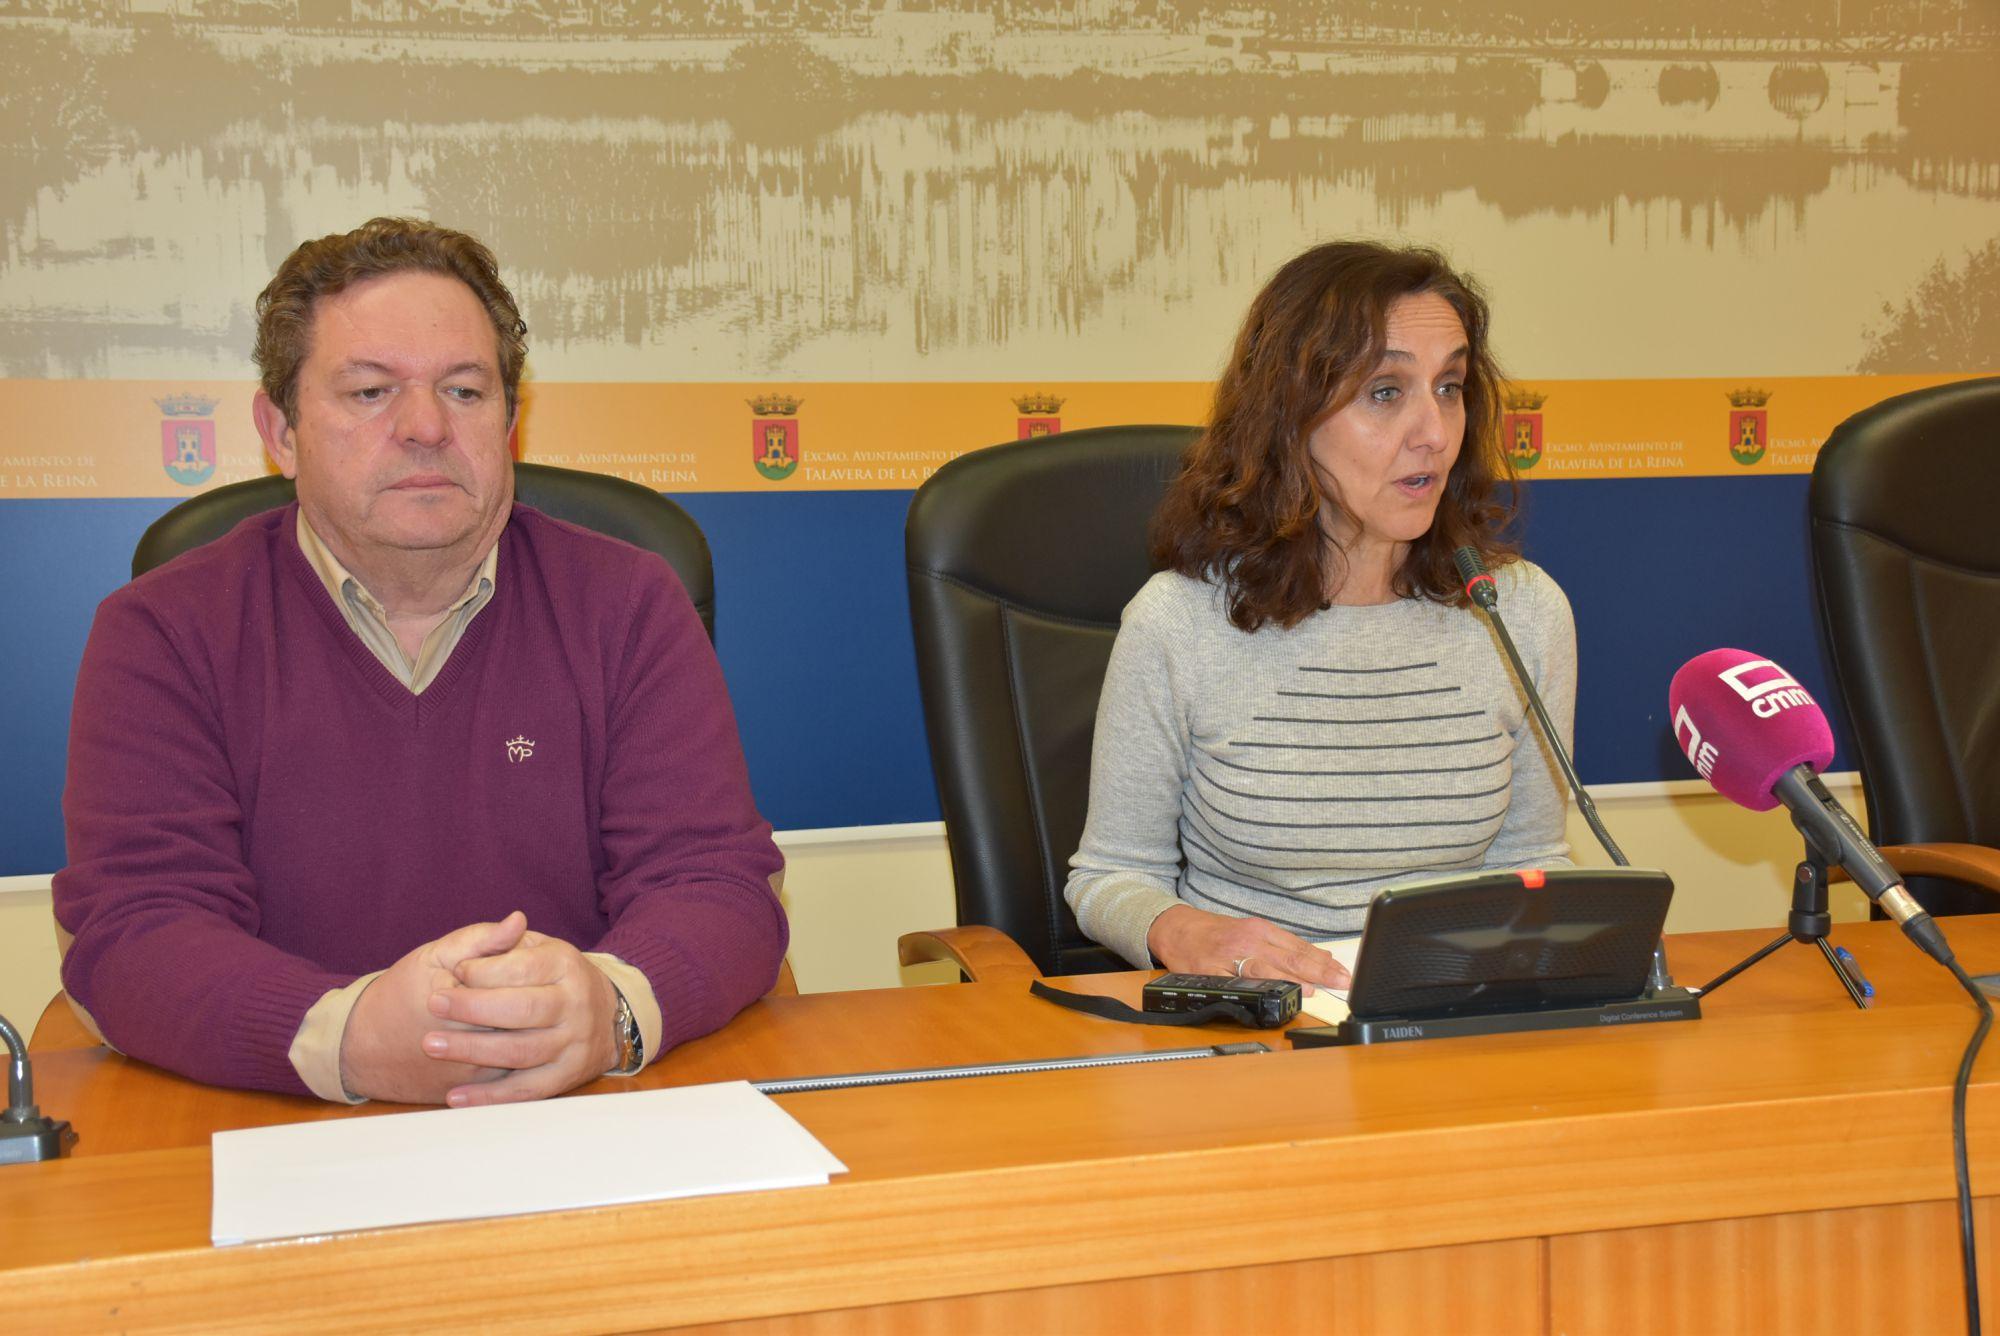 Talavera: campaña de sensibilización con motivo del Día Internacional para la eliminación de la violencia contra las mujeres - www.lavozdeltajo.com